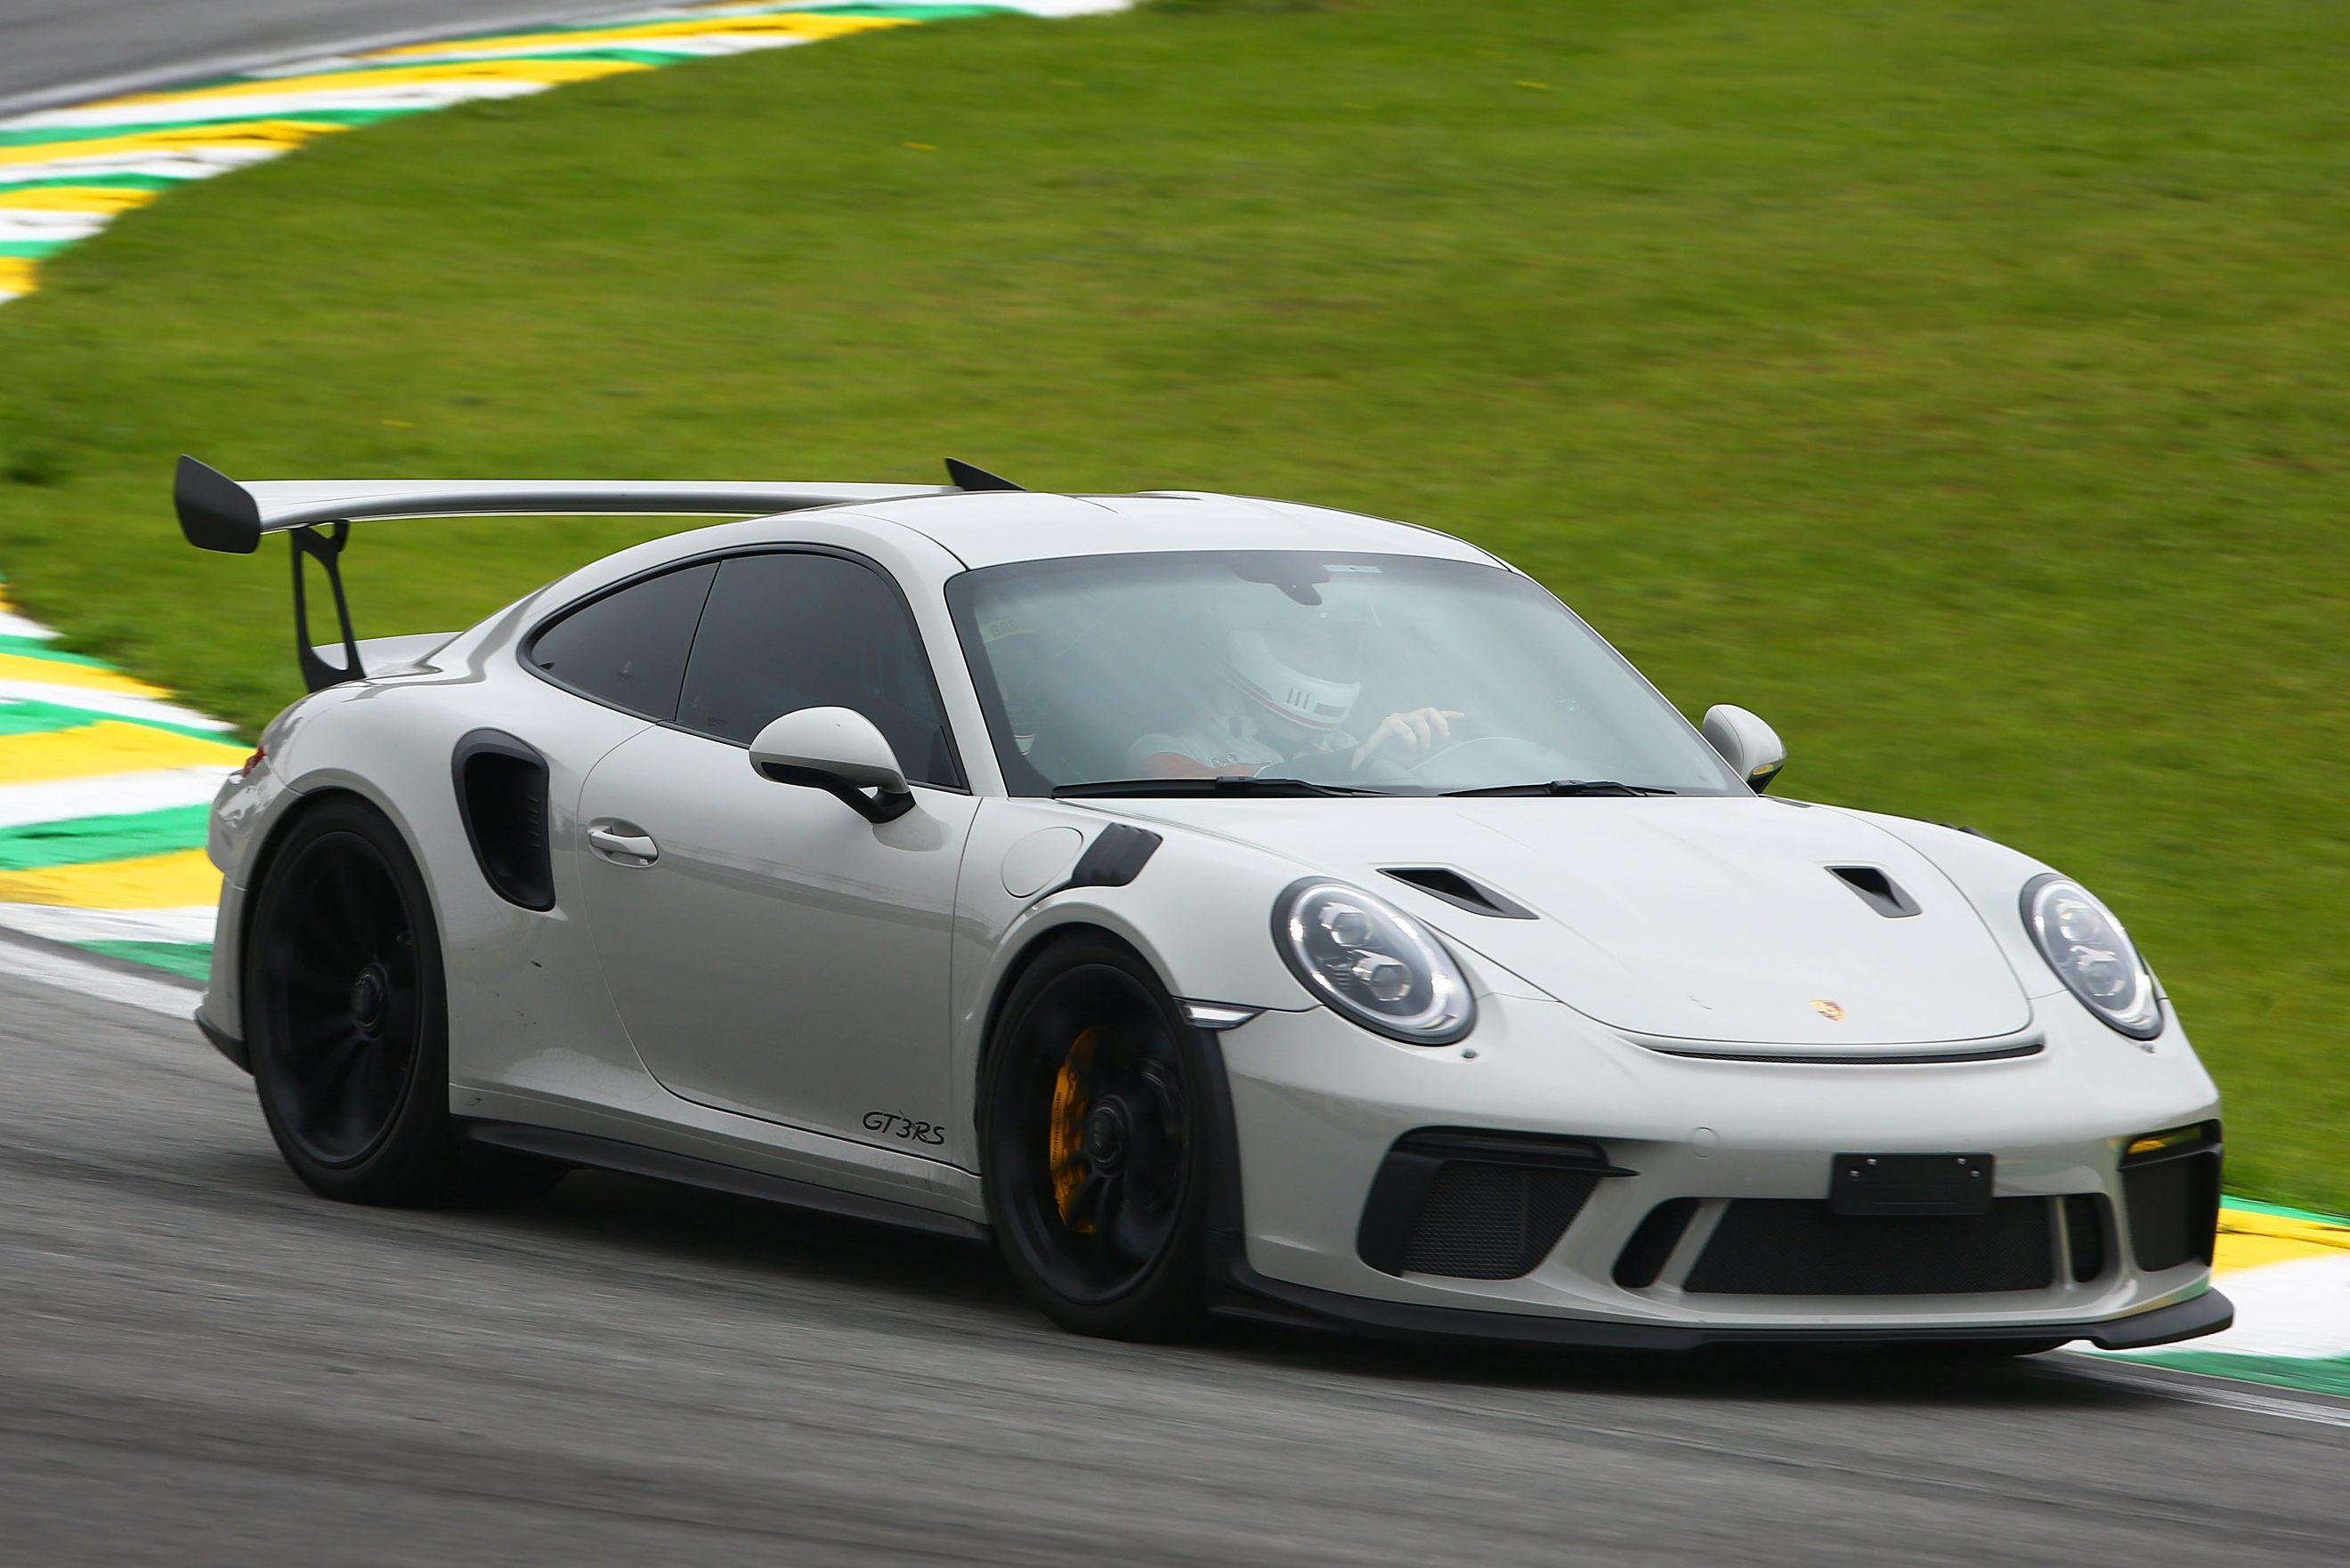 Impressoes Porsche 911 Gt3 Rs Quando Os Pilotos Vao Ao Shopping Quatro Rodas